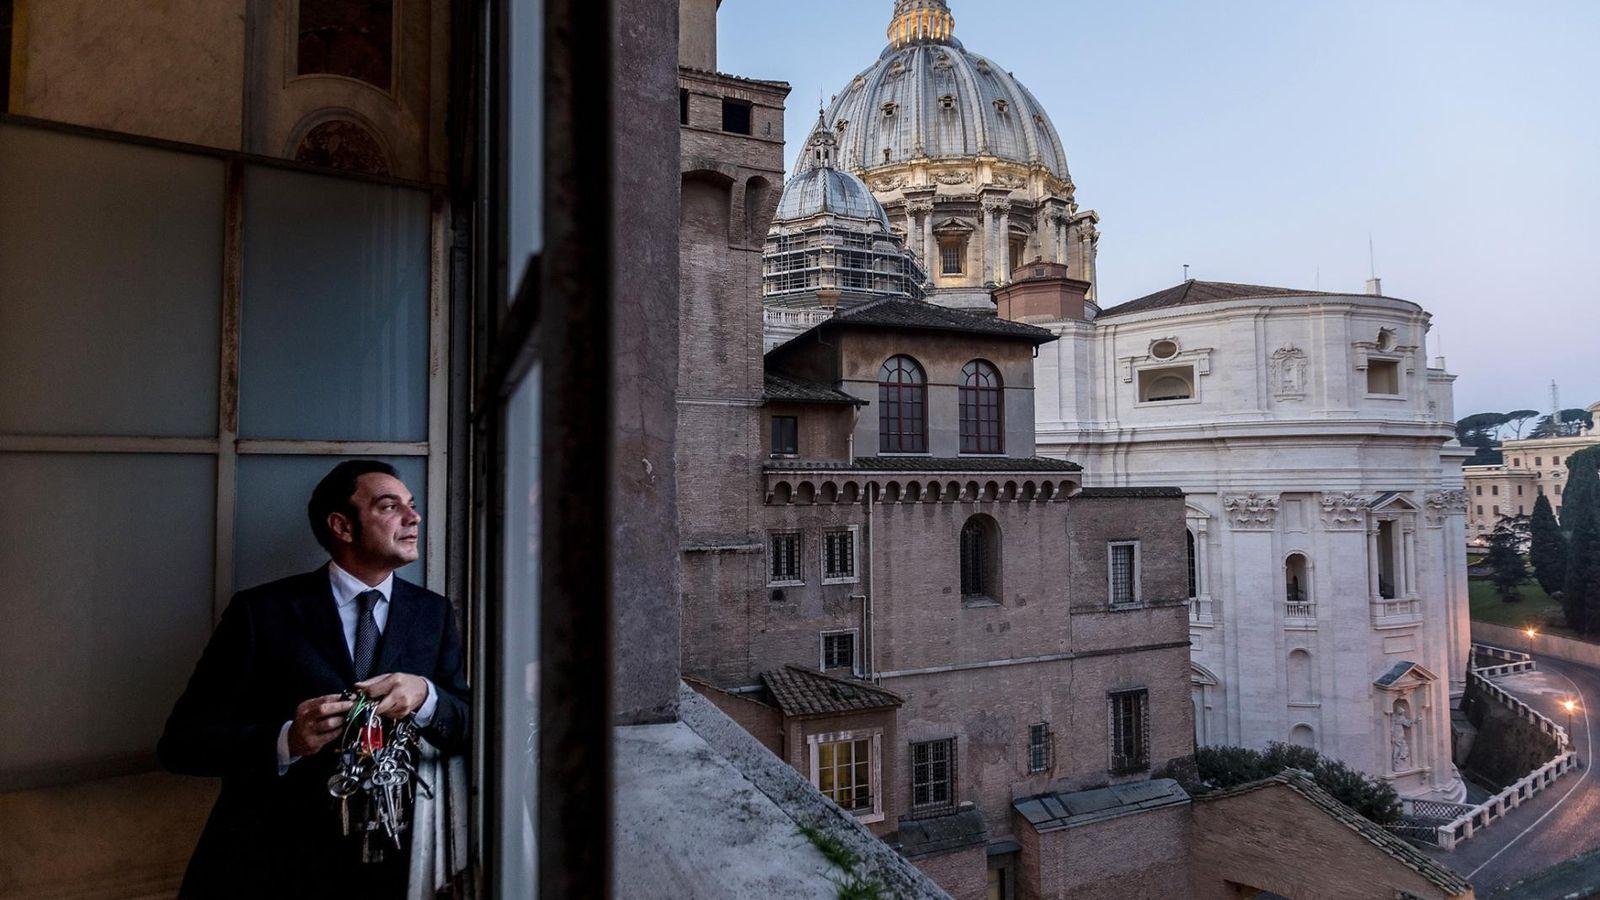 """""""Das eigentliche Privileg ist es, jeden Tag hier durchzulaufen und etwas Neues zu lernen"""", sagt Gianni ..."""